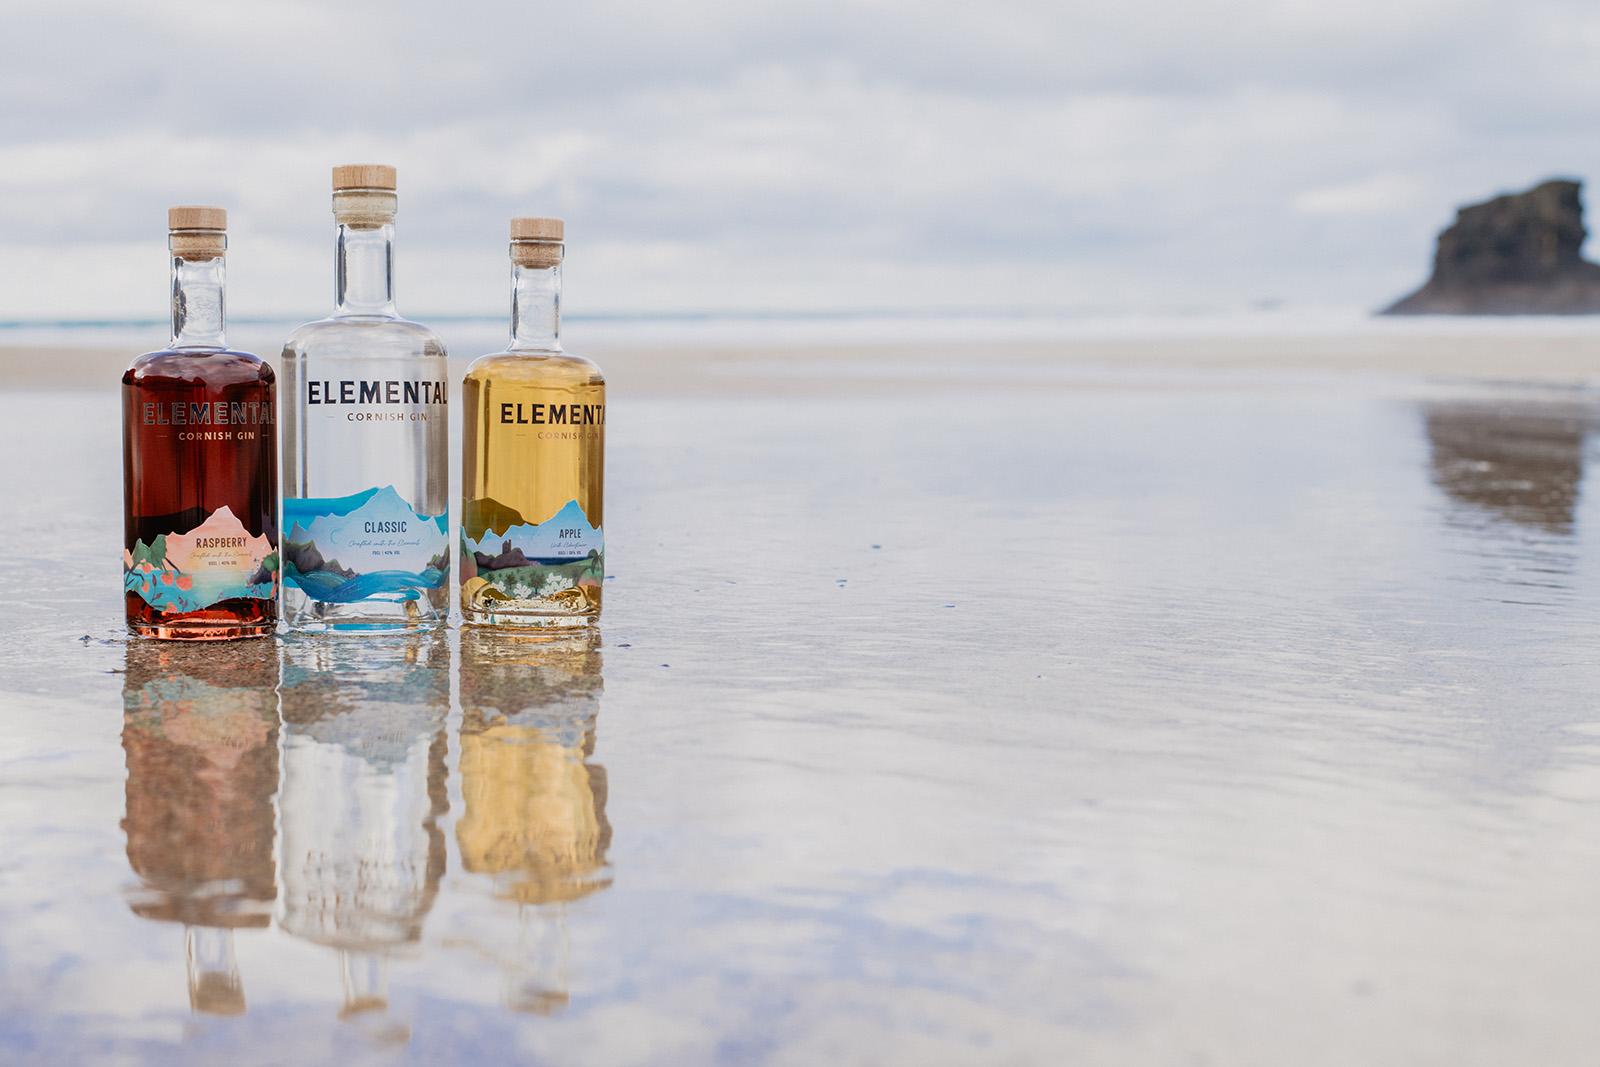 Elemental Cornish Gin range